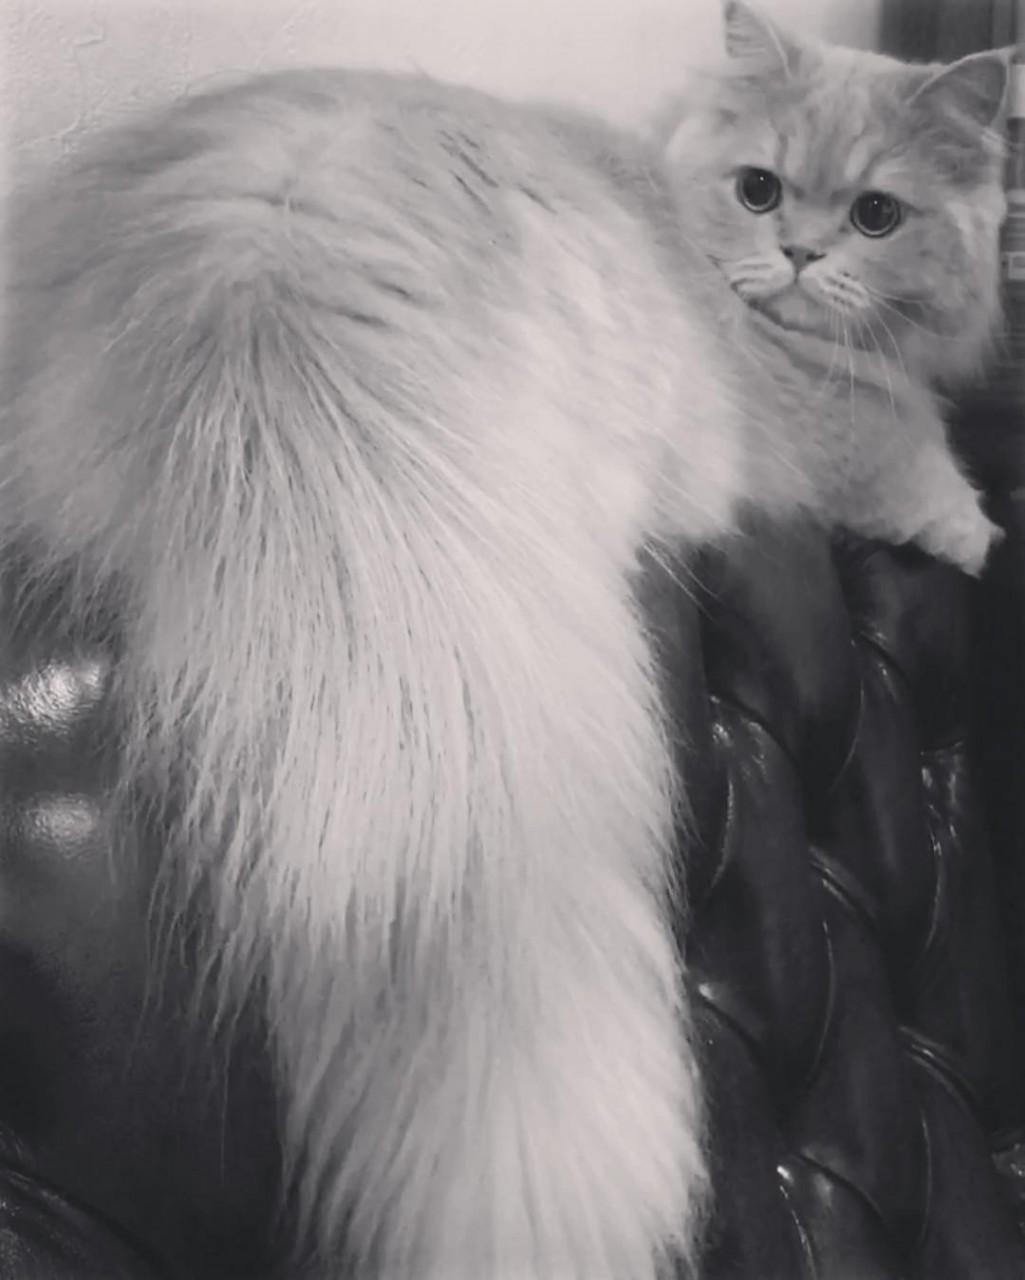 пушистый хвост кота картинка нашей